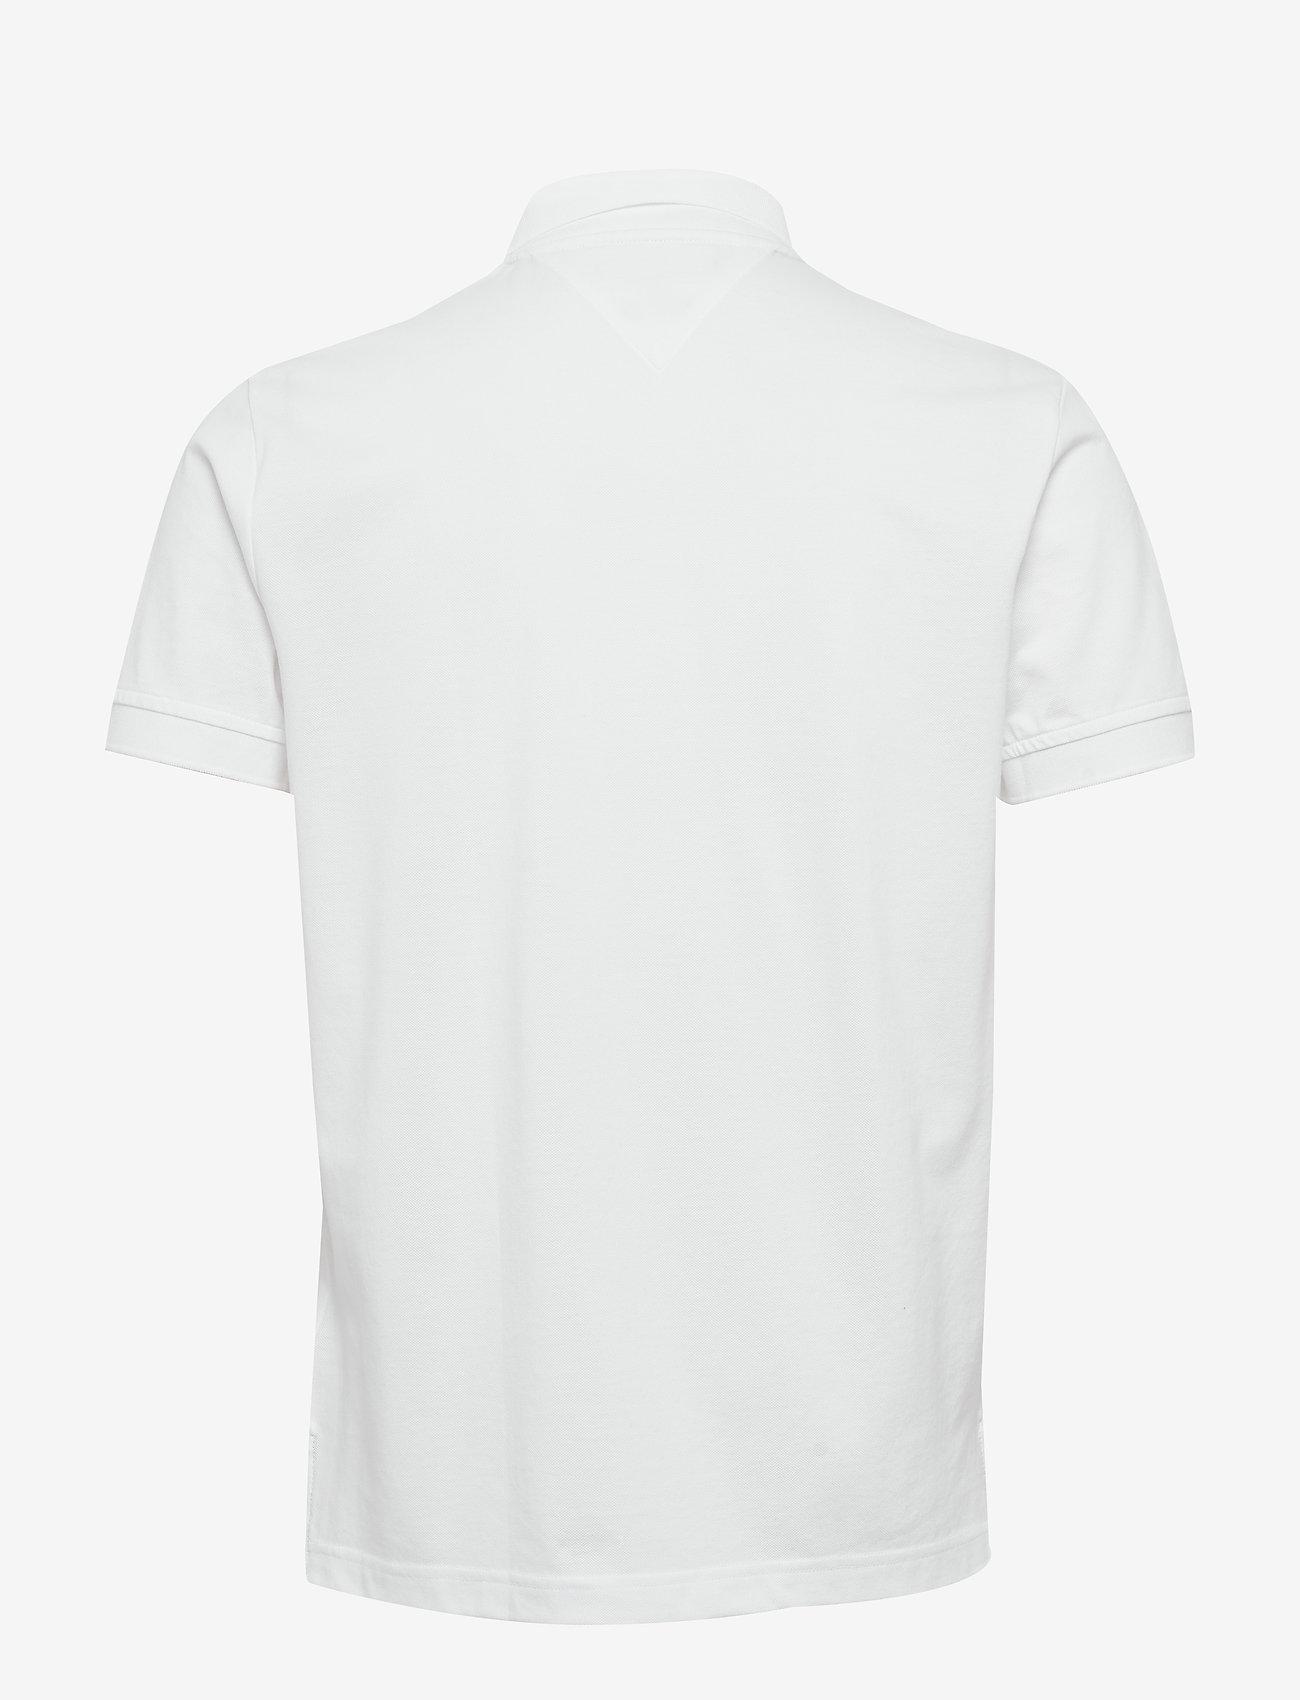 Tommy Hilfiger - HILFIGER ARTWORK REG - short-sleeved polos - white - 1